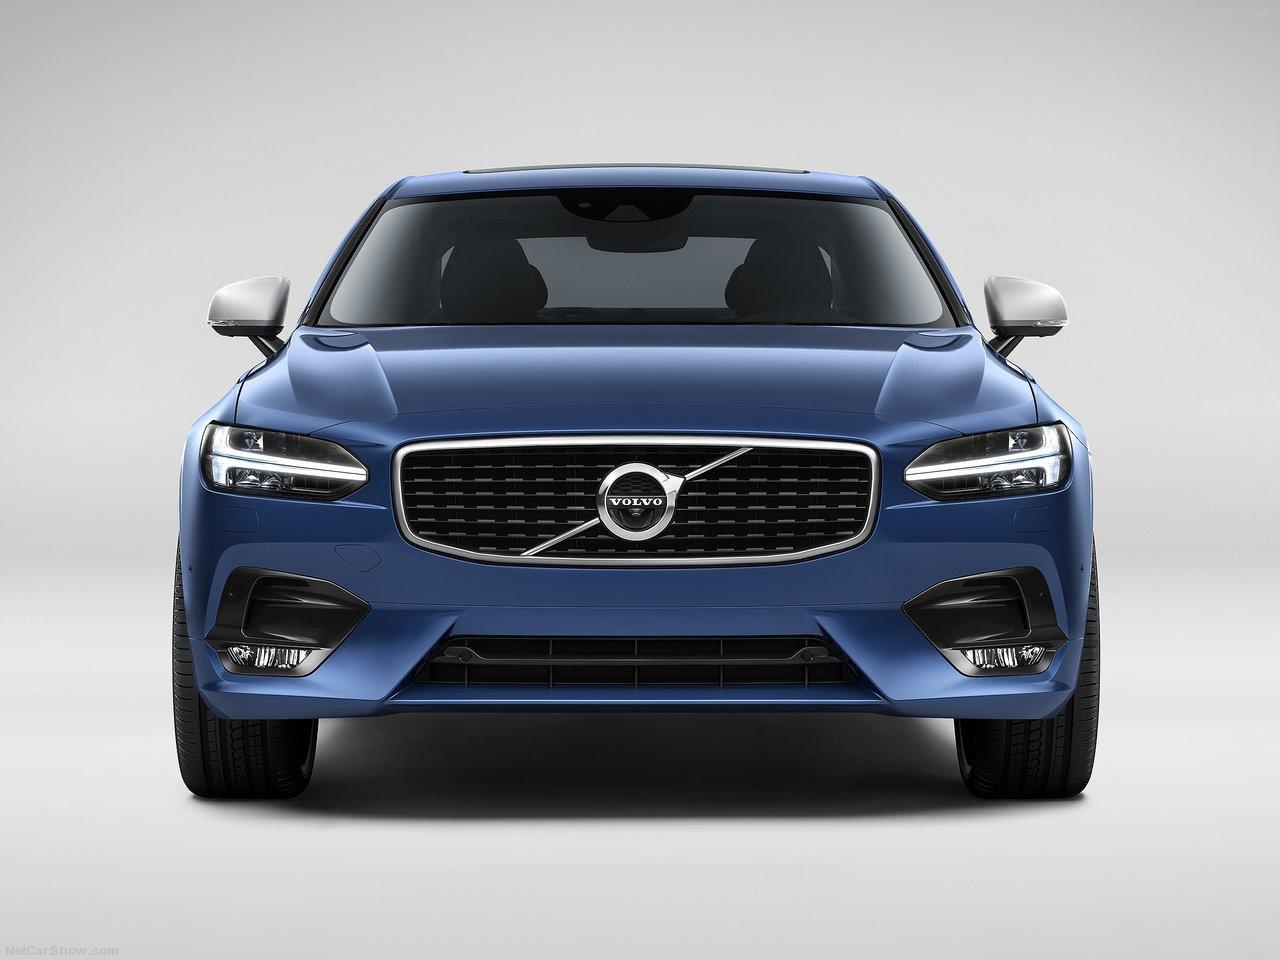 Volvo-S90_R-Design-2017-1280-08